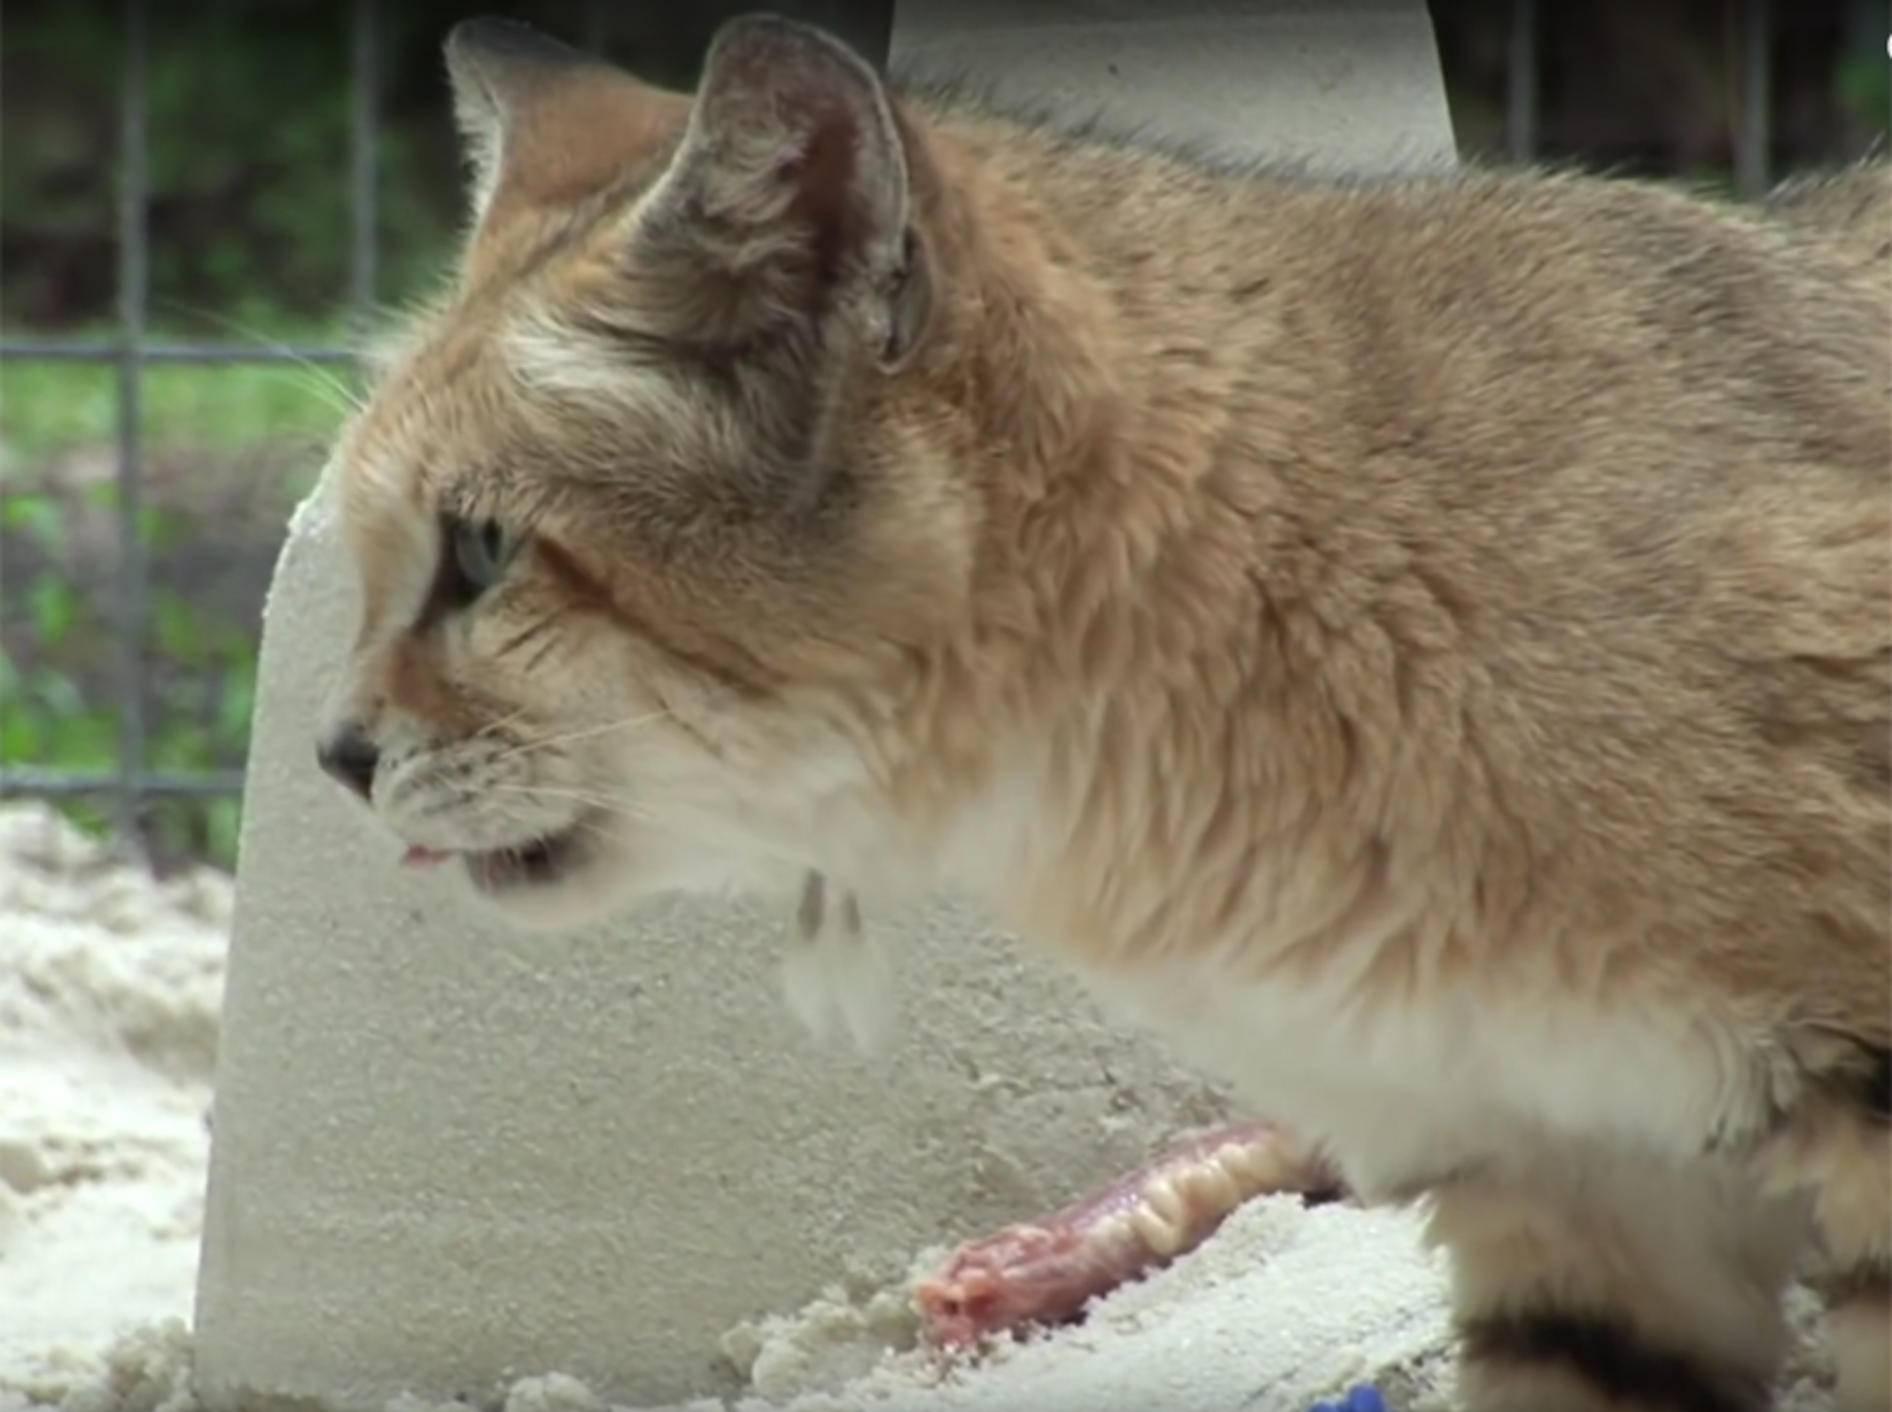 Sandkatzen feiern Geburtstag mit Fleischtorte und Sandburg – YouTube / Big Cat Rescue